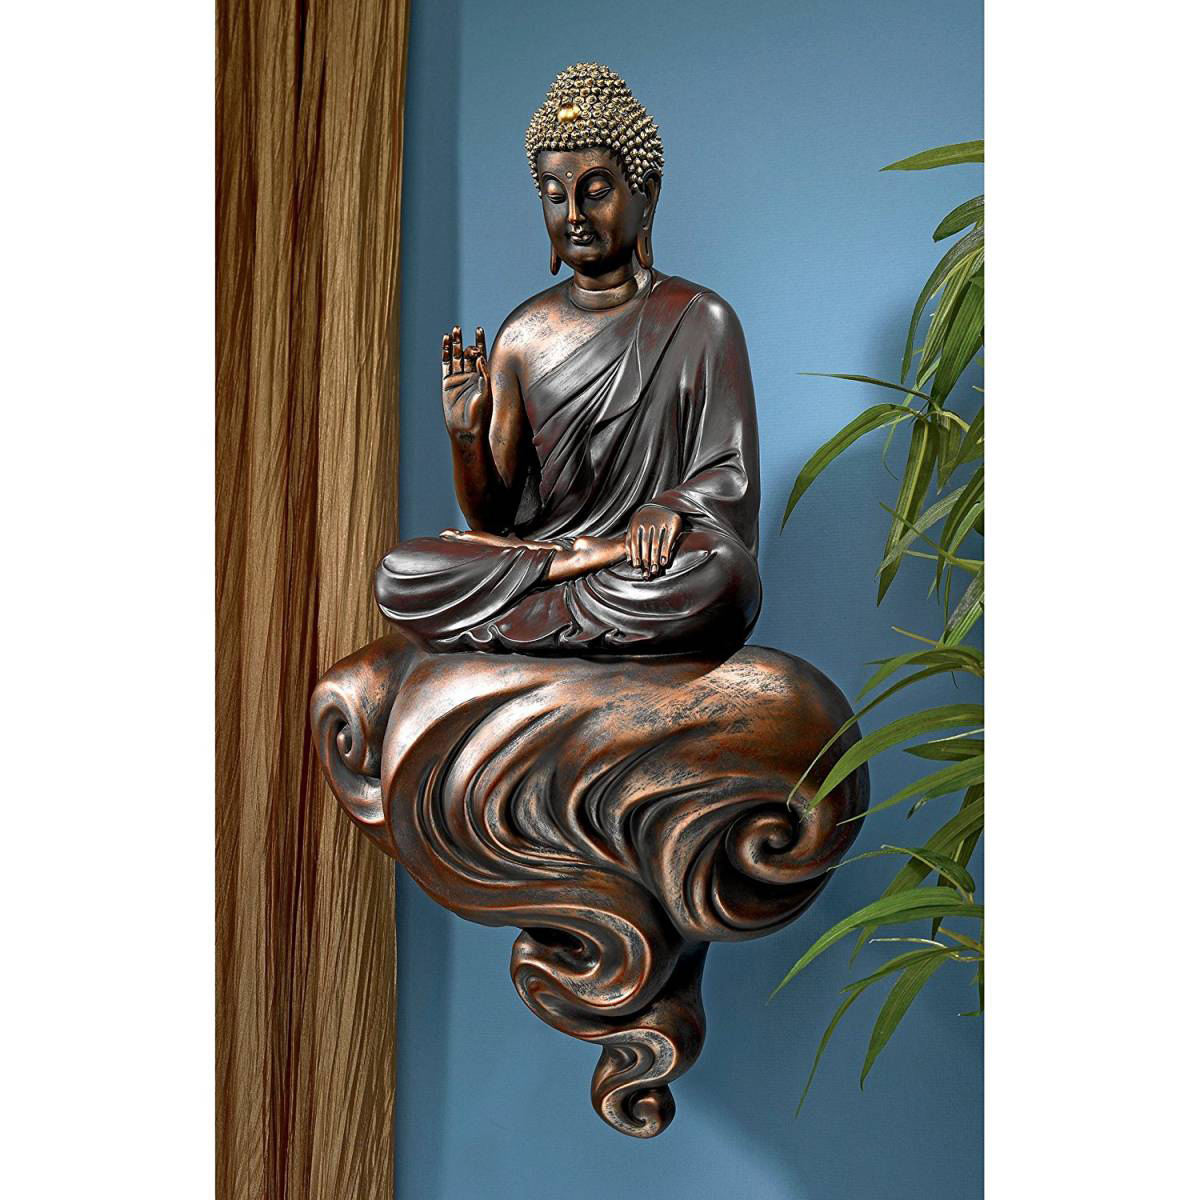 雲の上の阿弥陀如来菩薩 仏像彫刻 釈迦迦如来像 東洋彫刻 彫像インテリア壁掛け フィギュアオブジェ/ Enlightened Buddha(輸入品